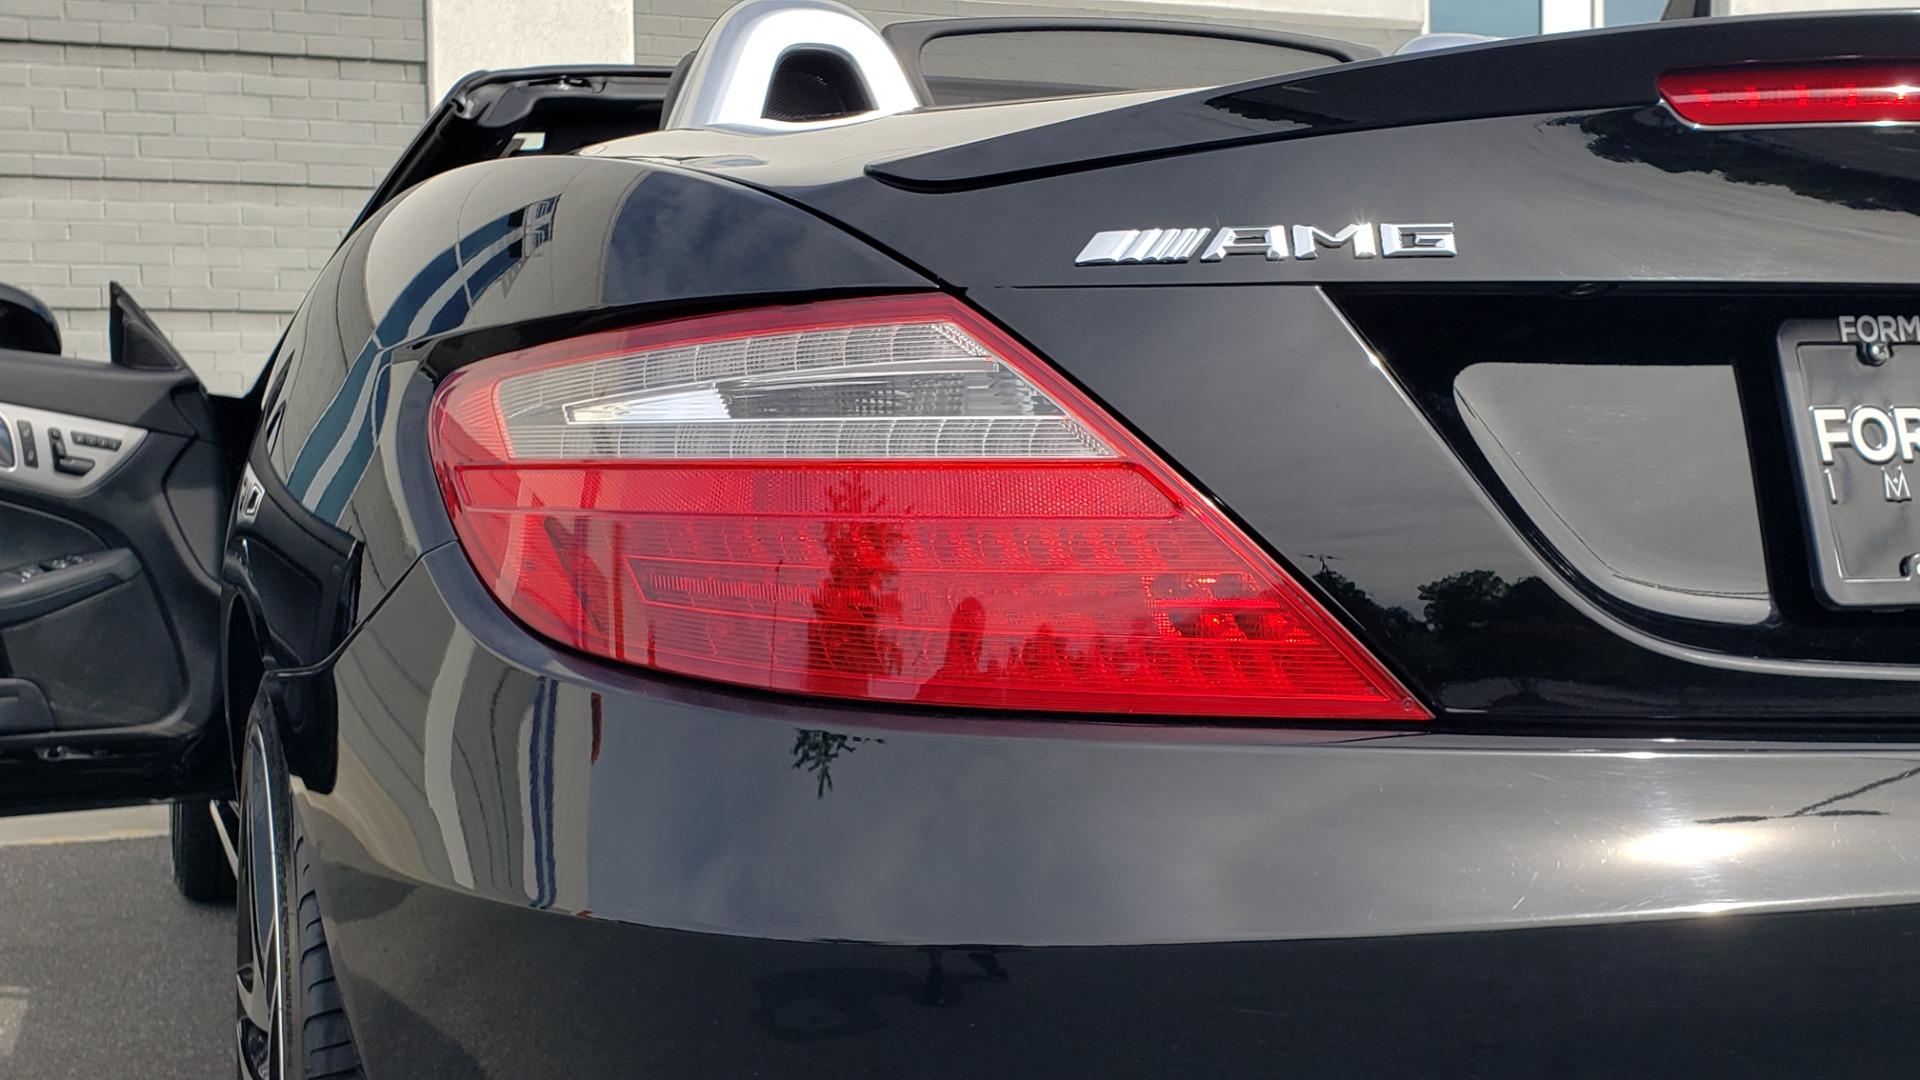 Used 2012 Mercedes-Benz SLK-CLASS SLK 250 ROADSTER / PREM 1 PKG / COMAND LAUNCH PKG / 7-SPD AUTO for sale $24,995 at Formula Imports in Charlotte NC 28227 50